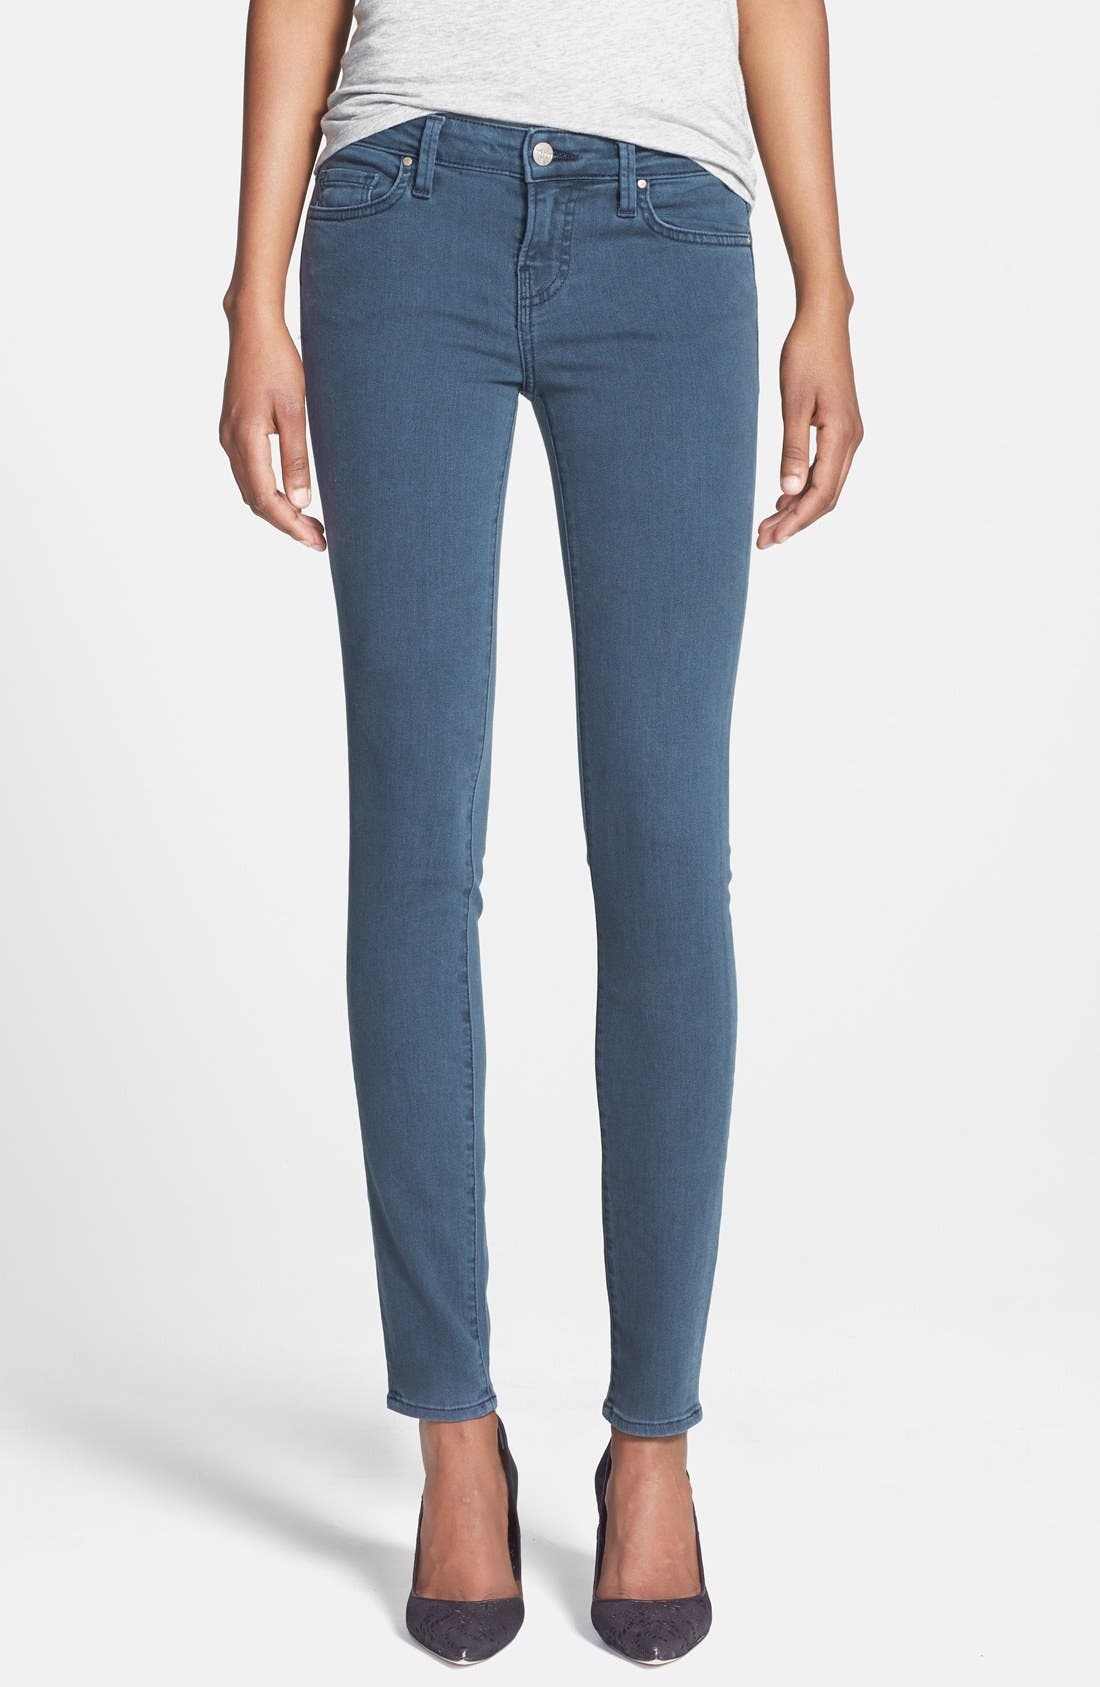 Main Image - Velvet by Graham & Spencer Low Rise Skinny Jeans (Petrol)